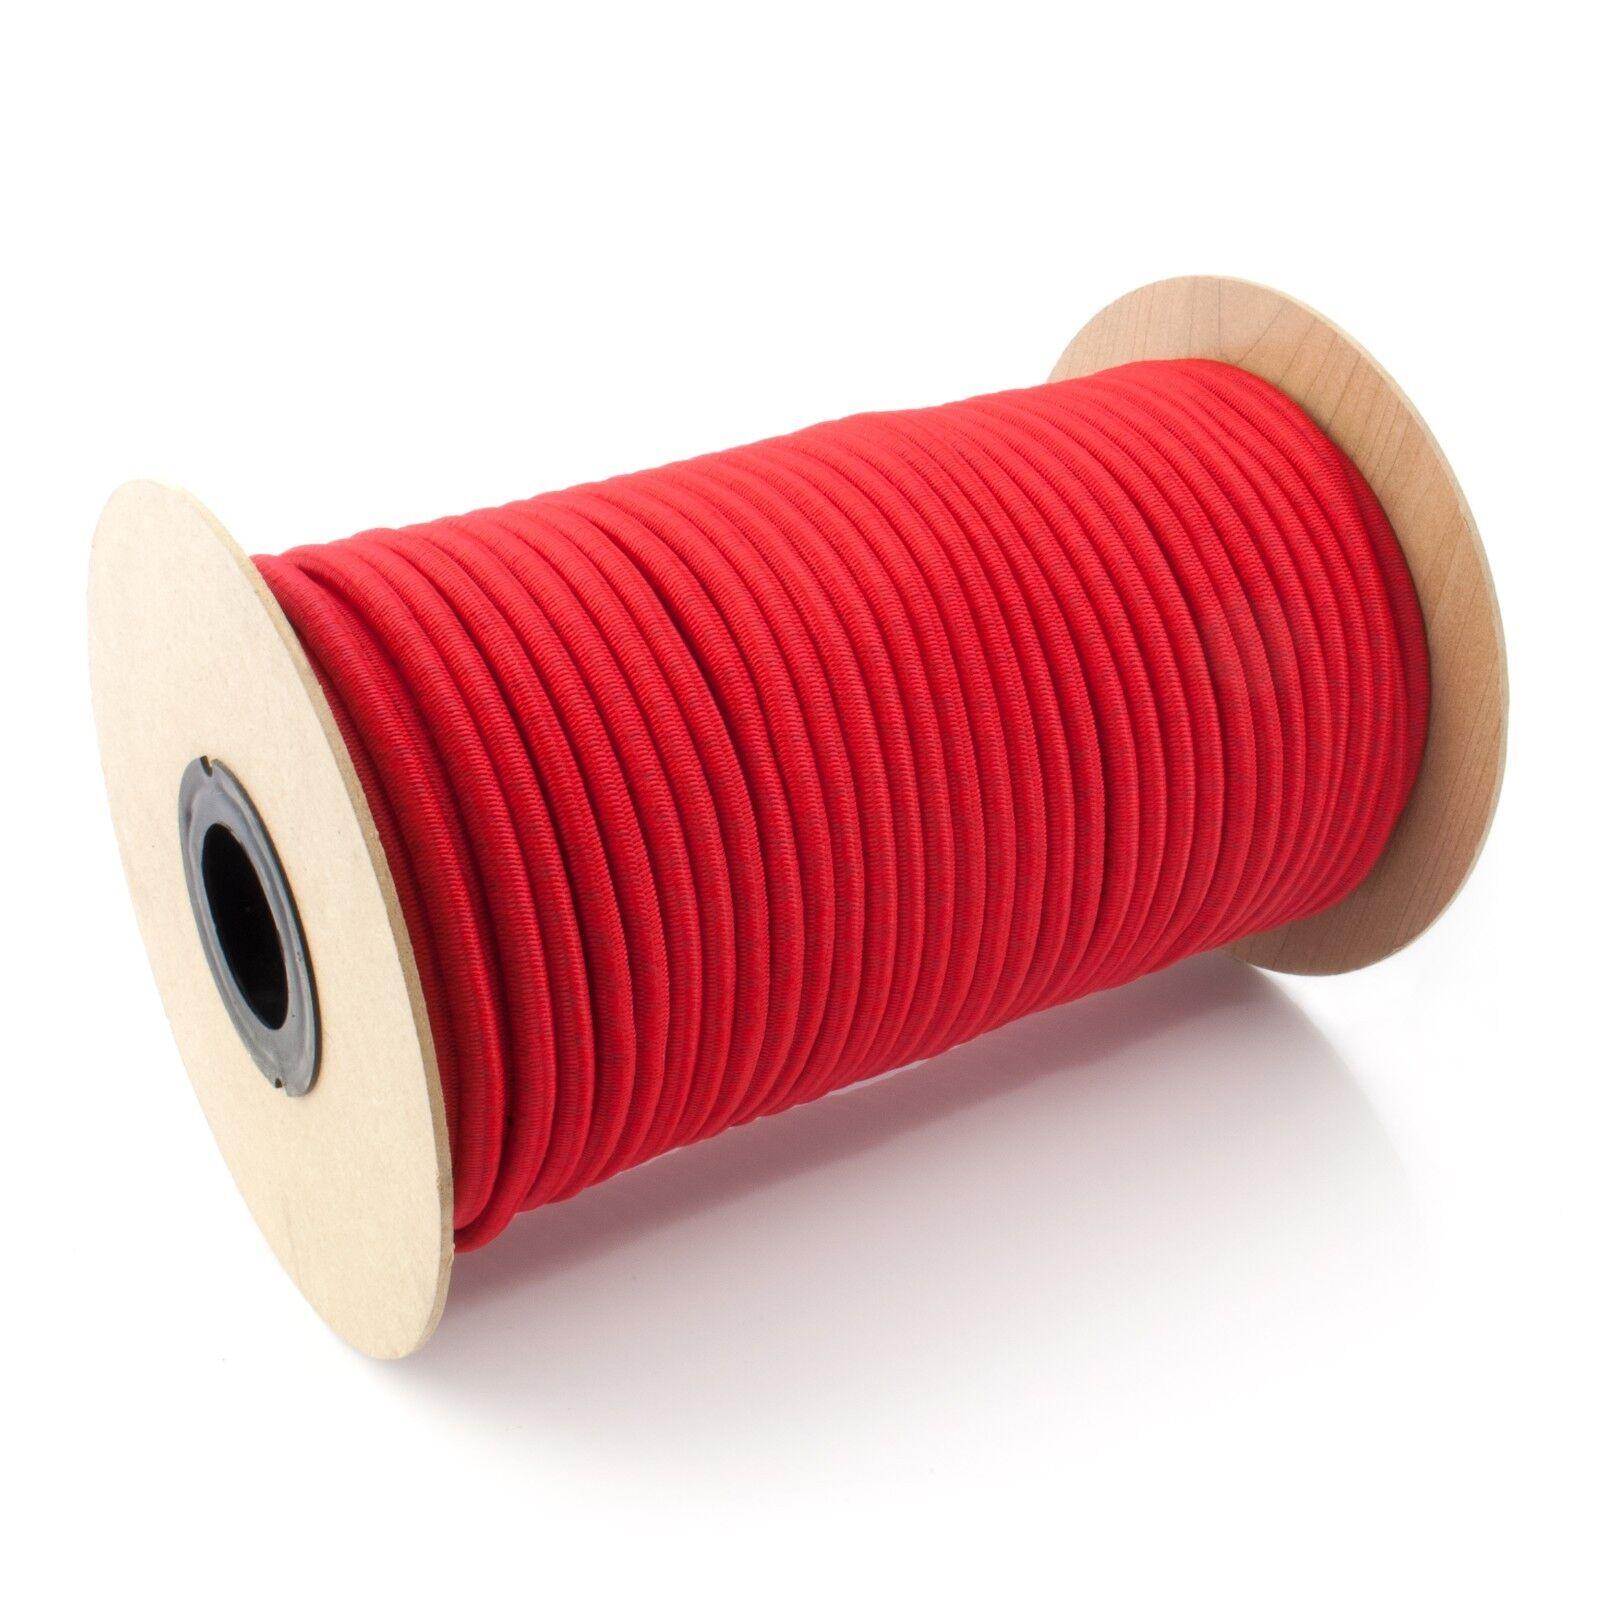 4mm - GUMMISEIL 12mm GUMMISEIL - Expanderseil Gummileine Spannseil Planenseil Gummikordel 86d00e